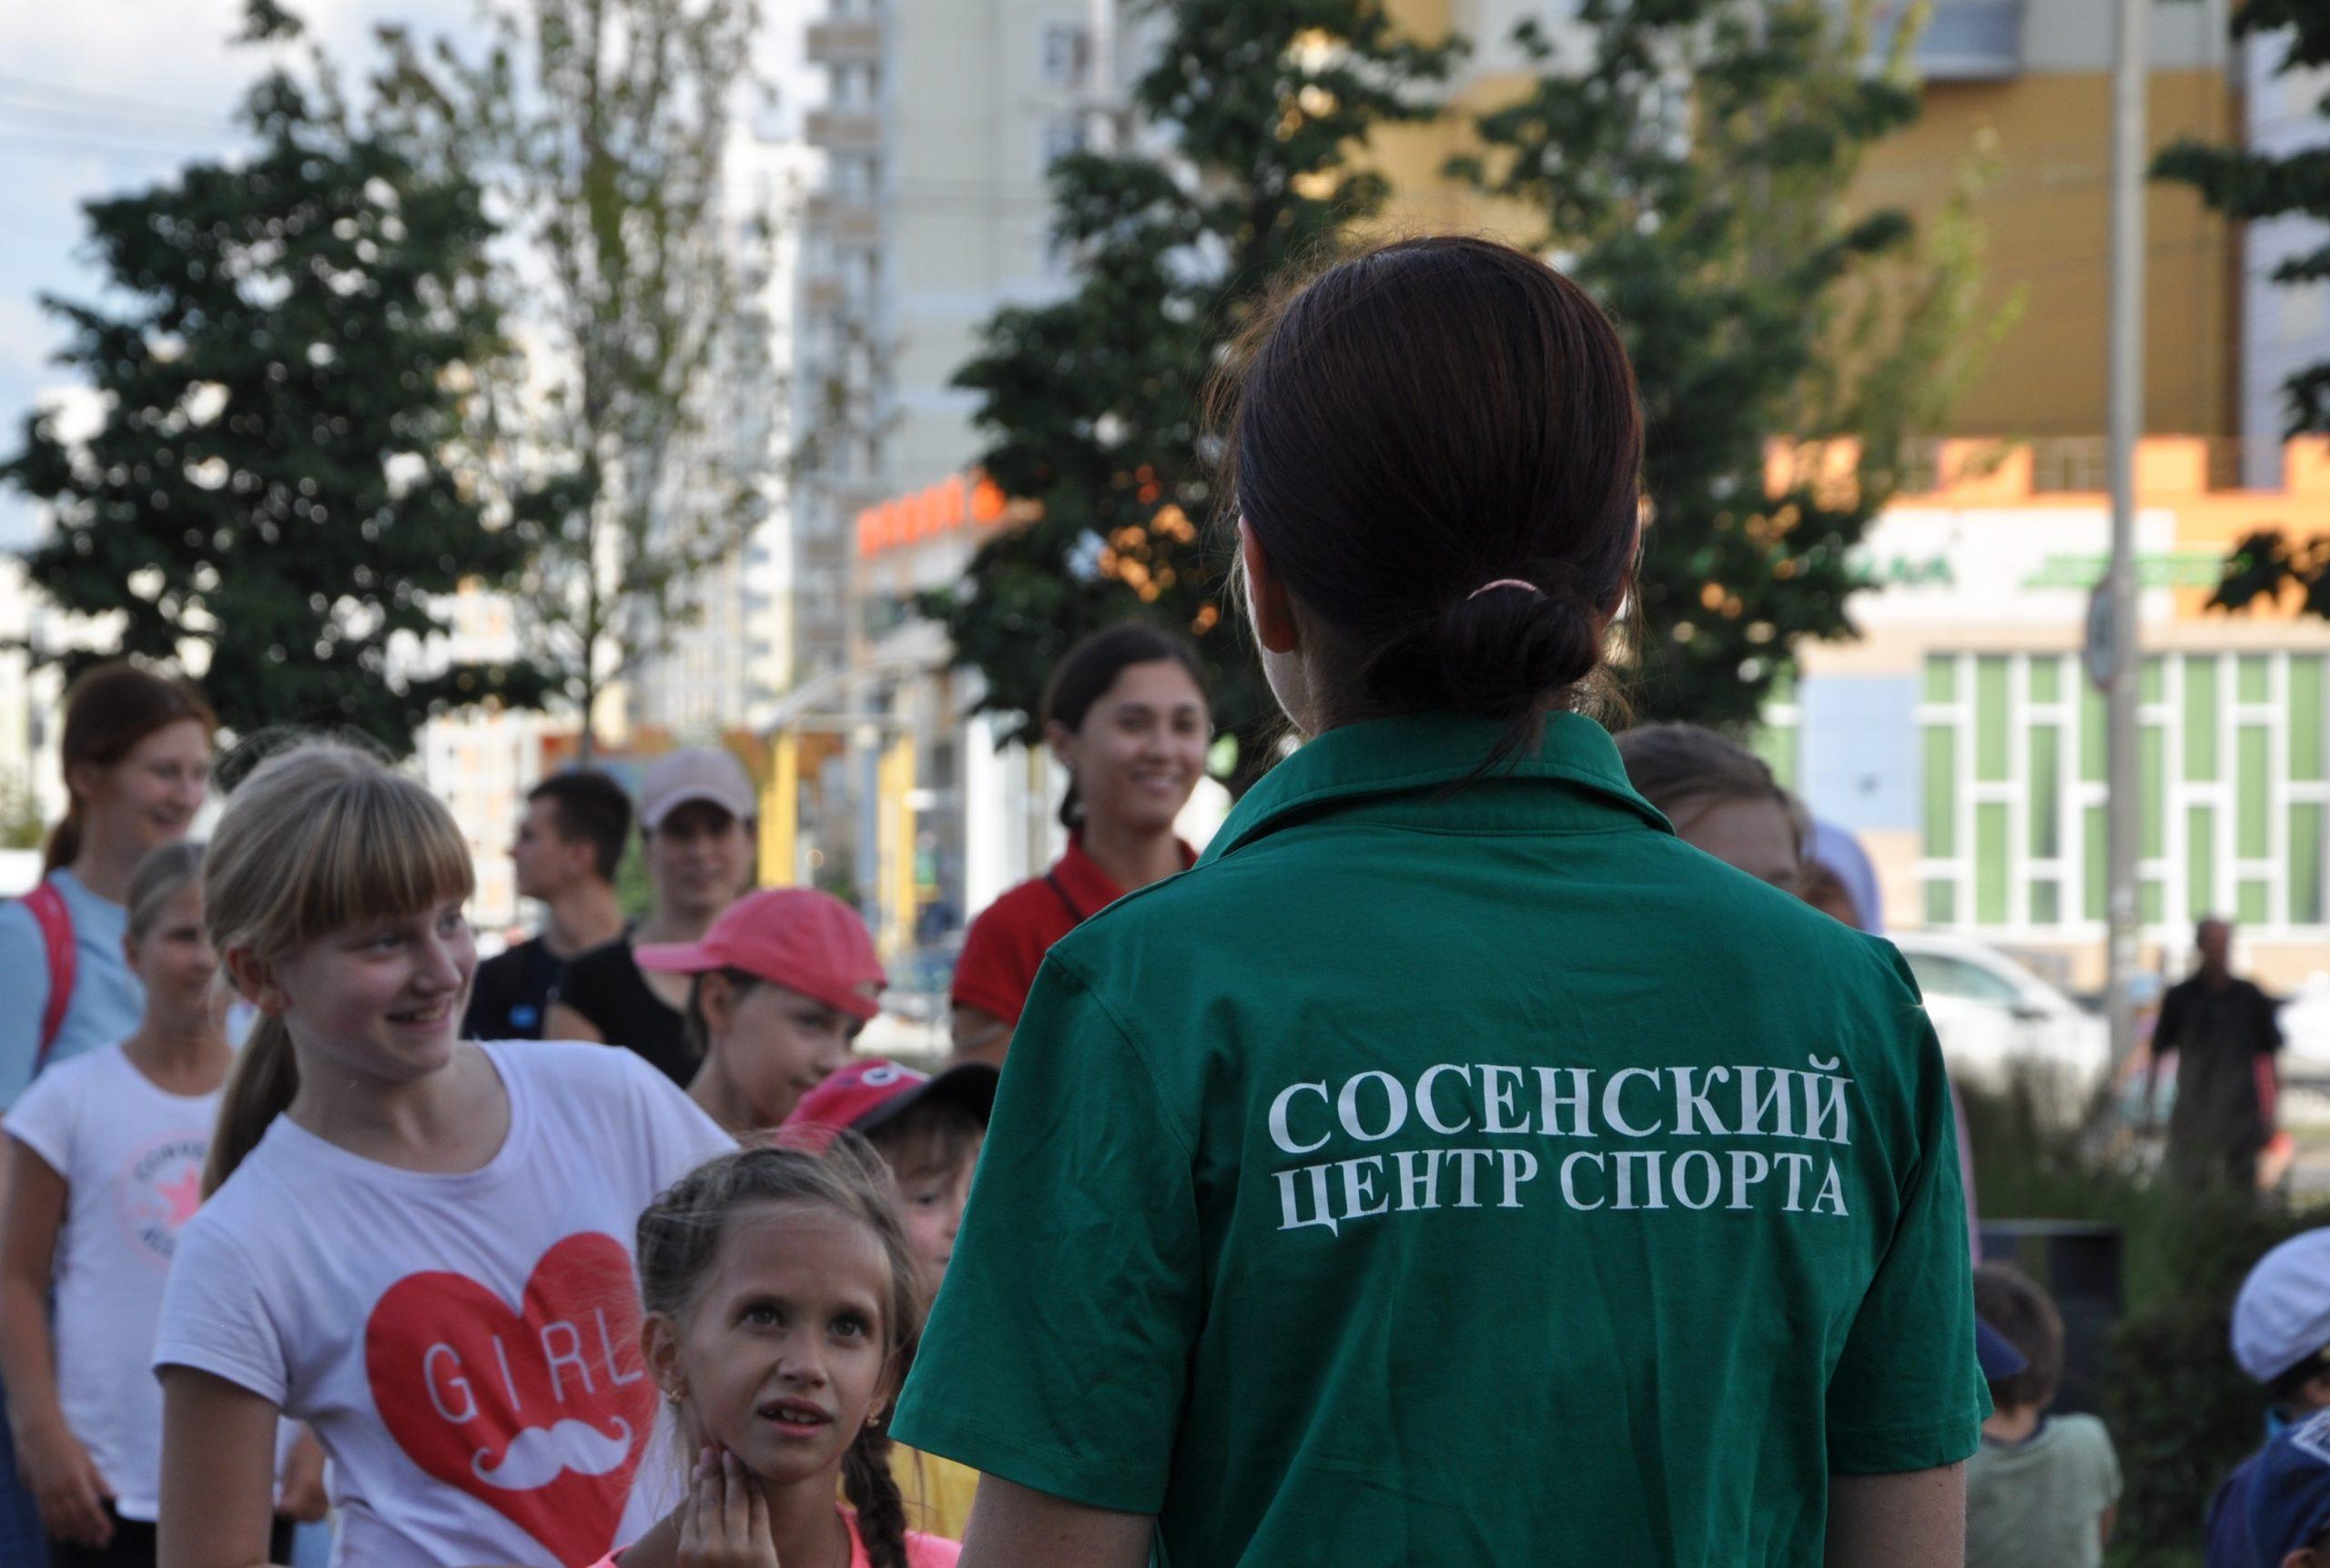 Соревнования по лазертагу провели сотрудники Сосенского центра спорта